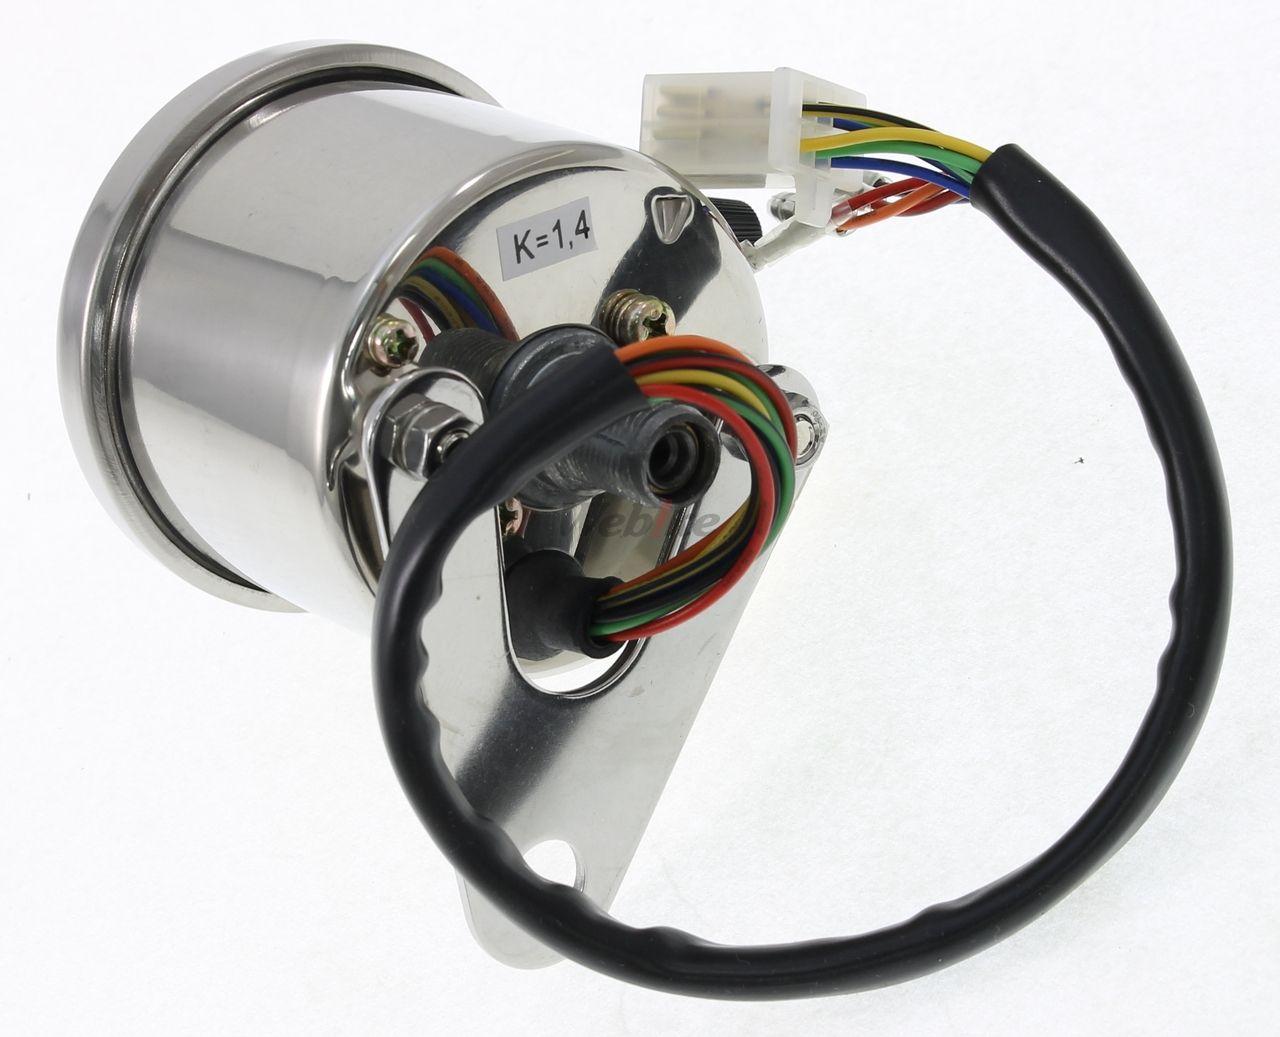 【POSH】LED背光型式4迷你指示錶(機械式) - 「Webike-摩托百貨」